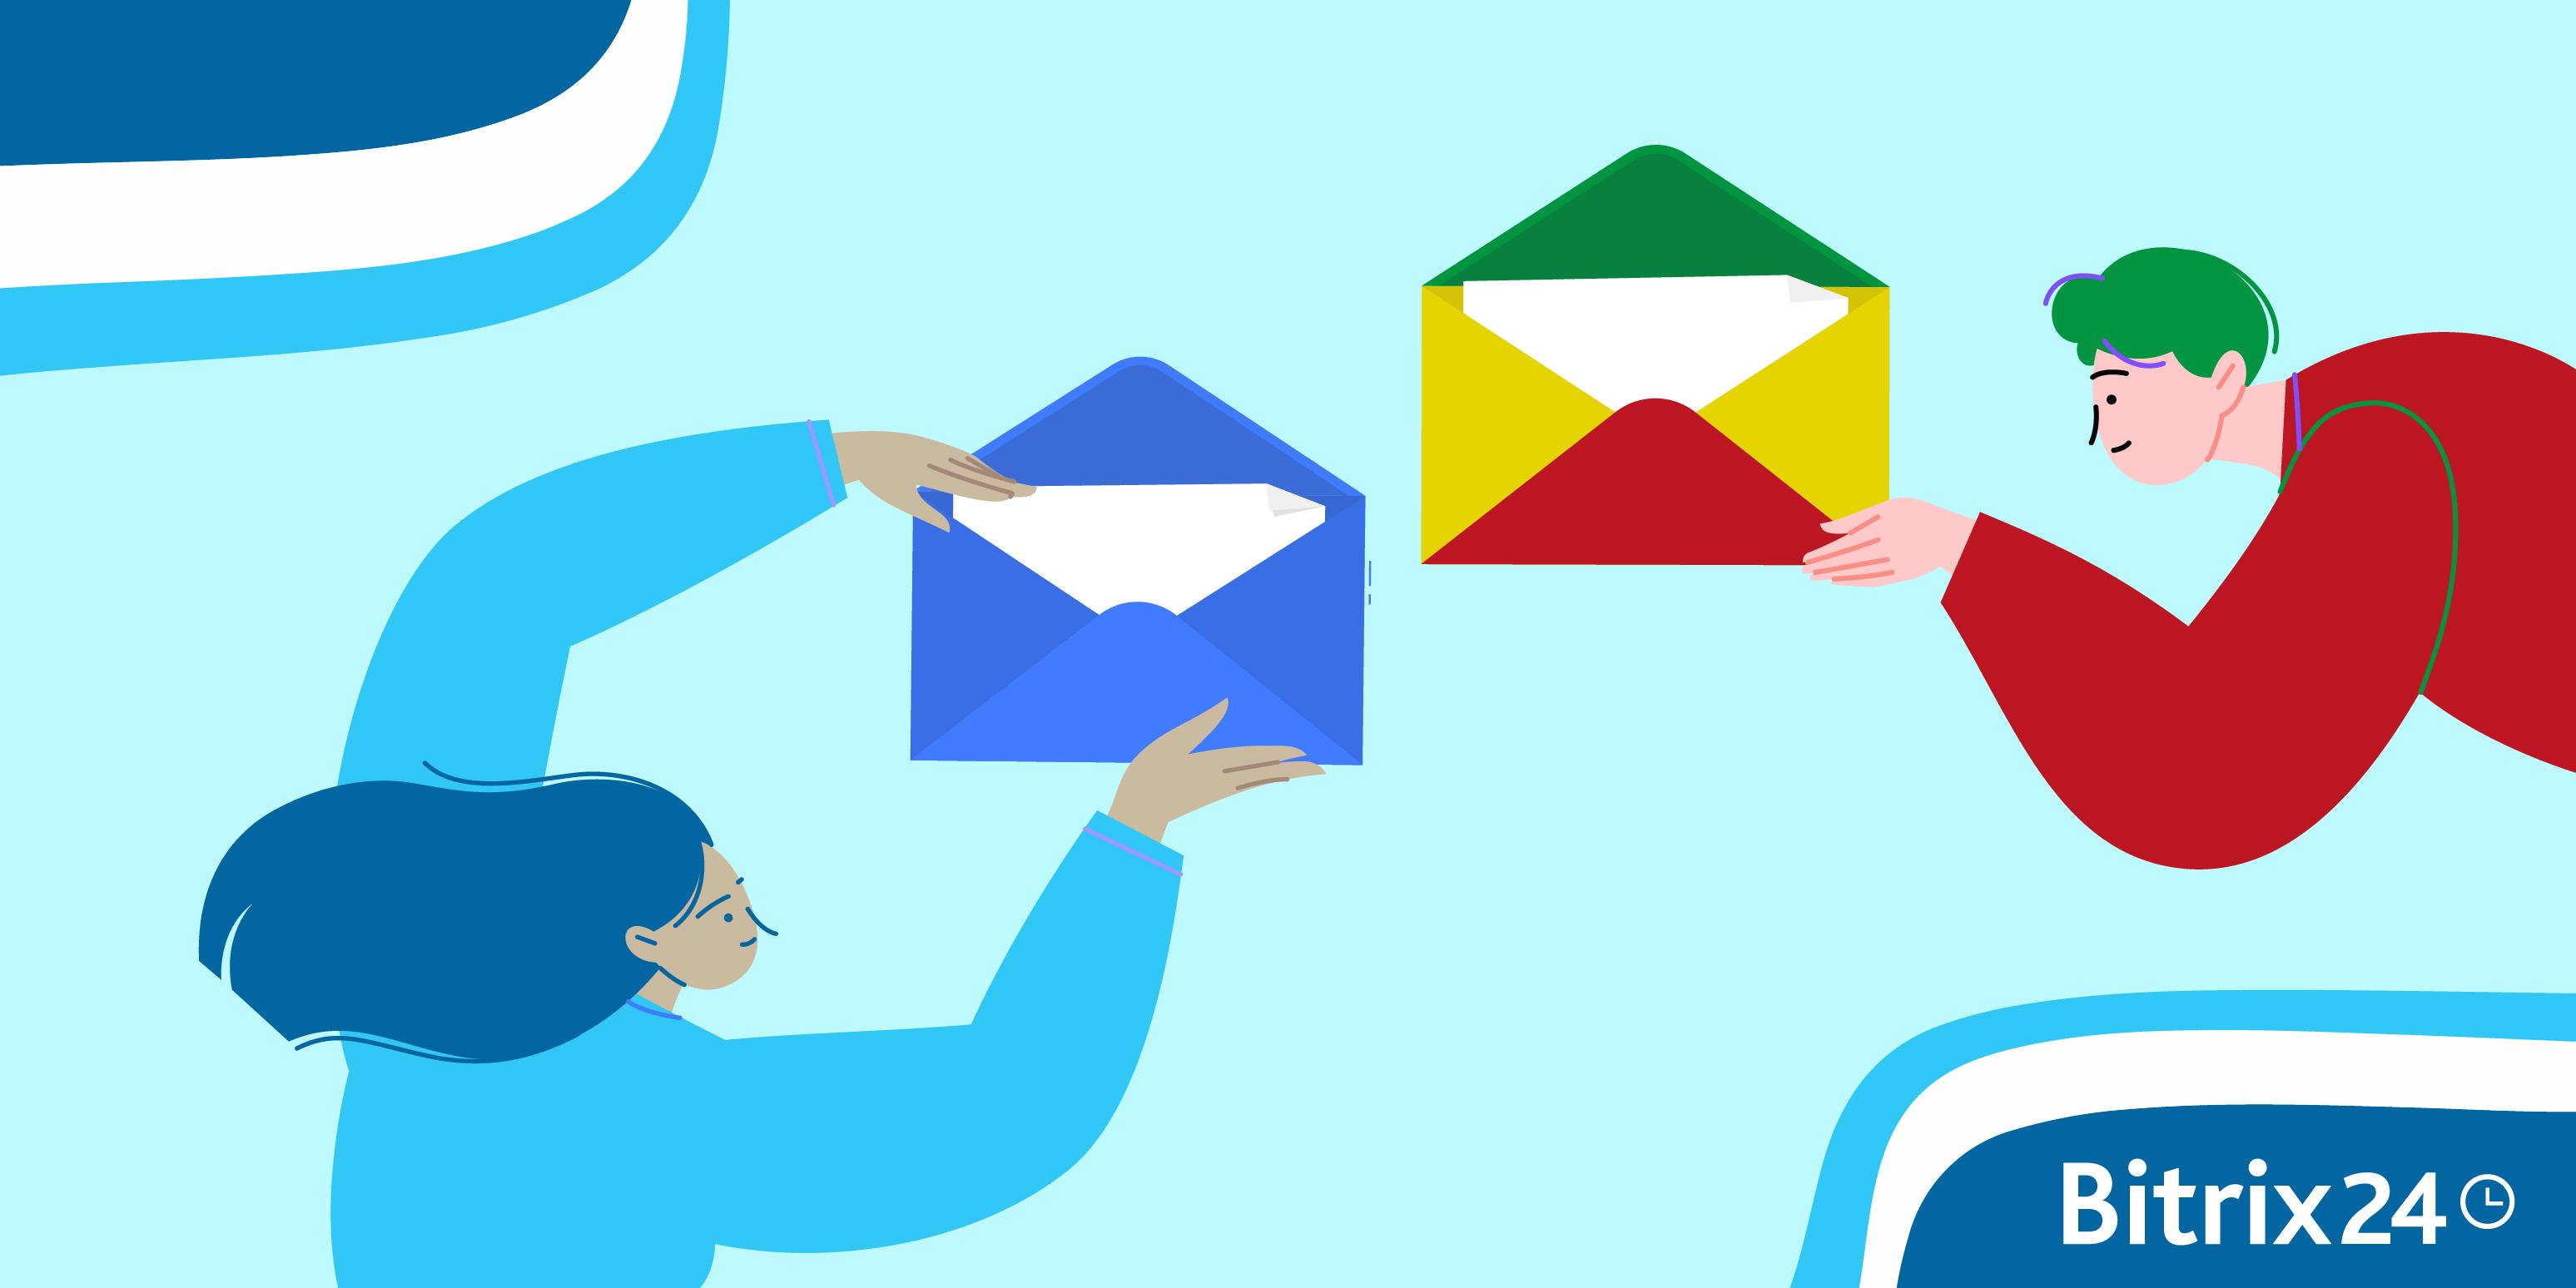 将Gmail电子邮箱连接到您的Bitirix24账户上